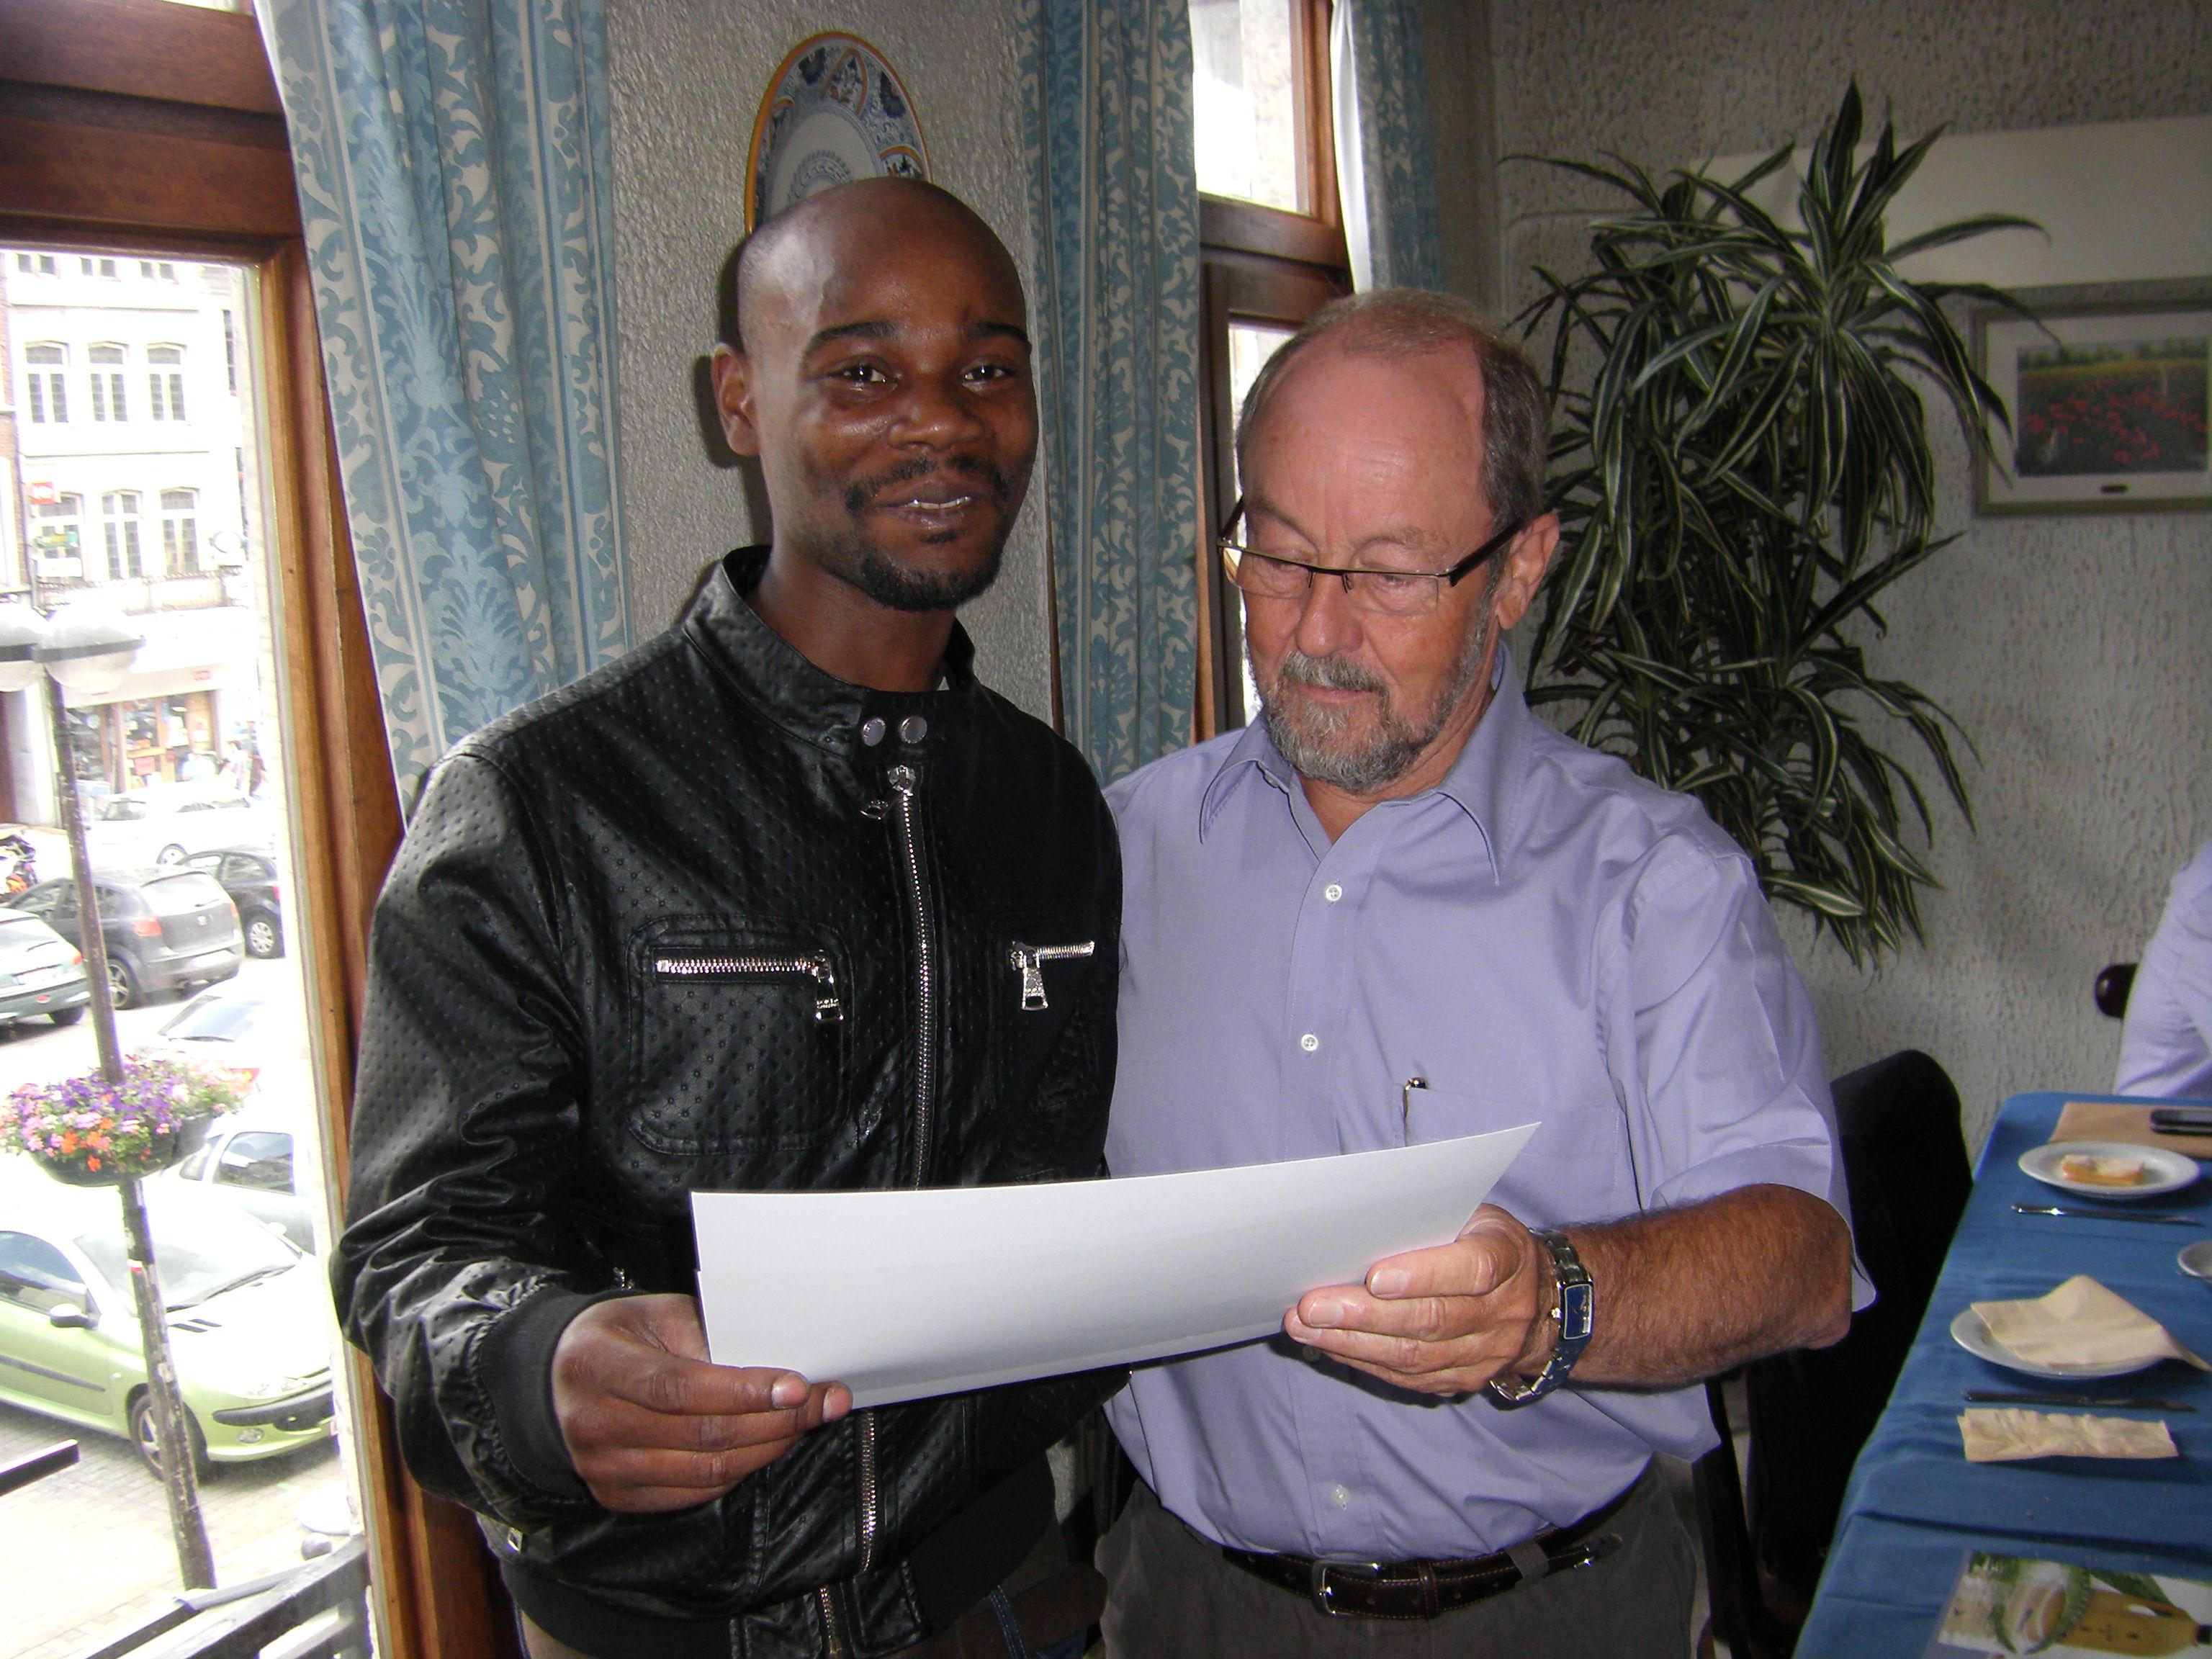 Remise des diplômes 2012 de la formation ESGE